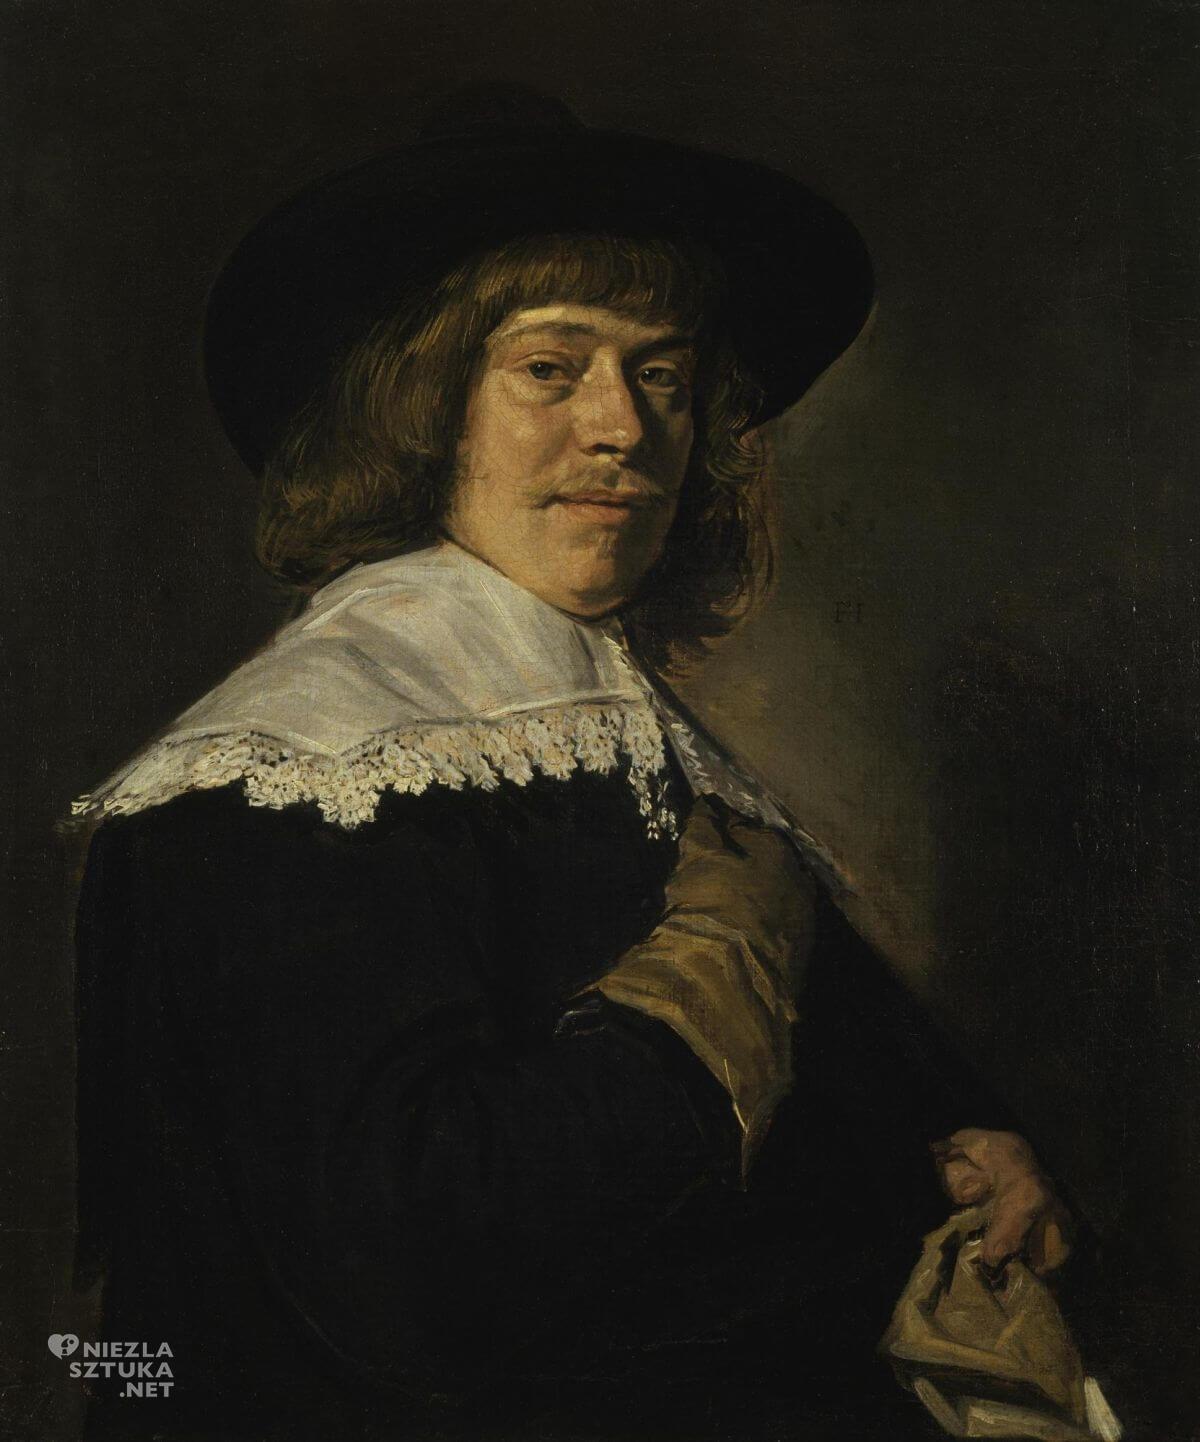 Frans Hals, Portret młodego mężczyzny trzymającego rękawiczkę, malarstwo holenderskie, Niezła sztuka